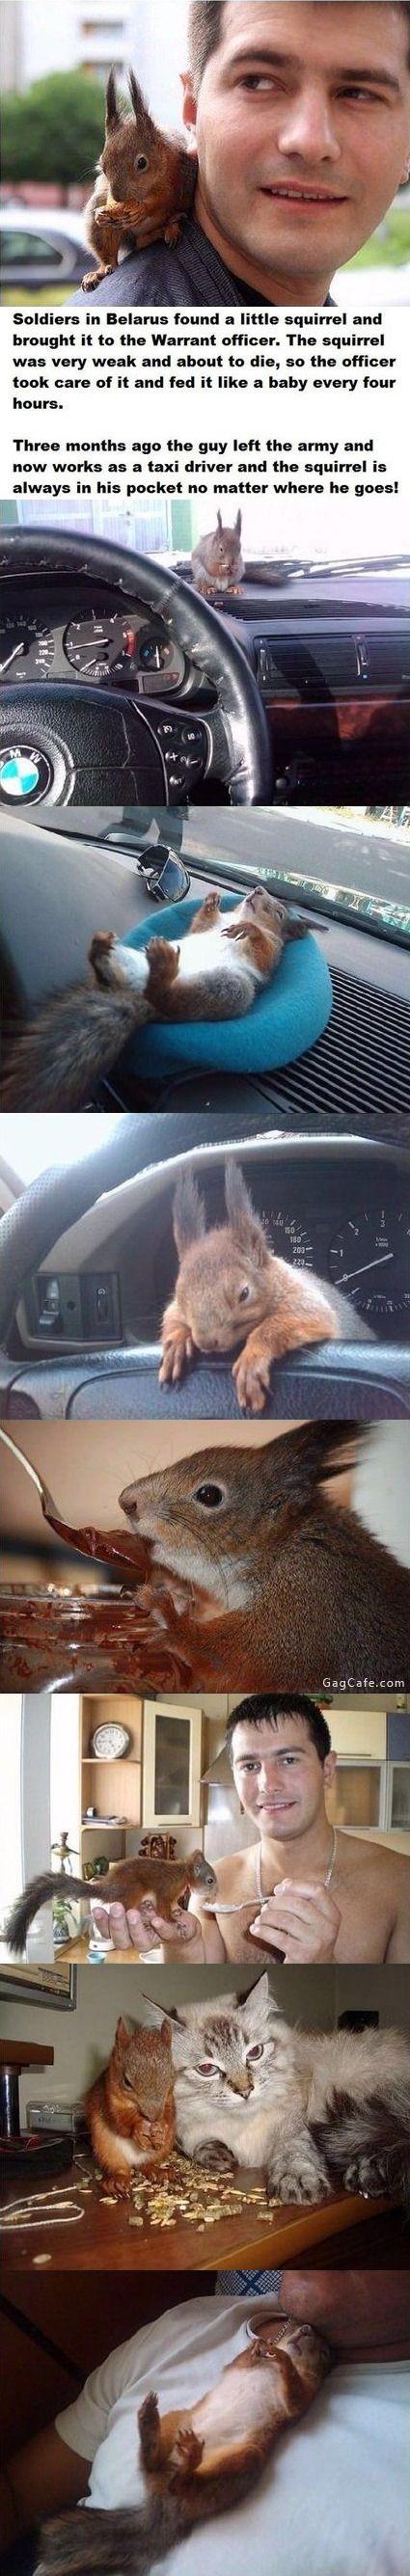 Awh, cute!: